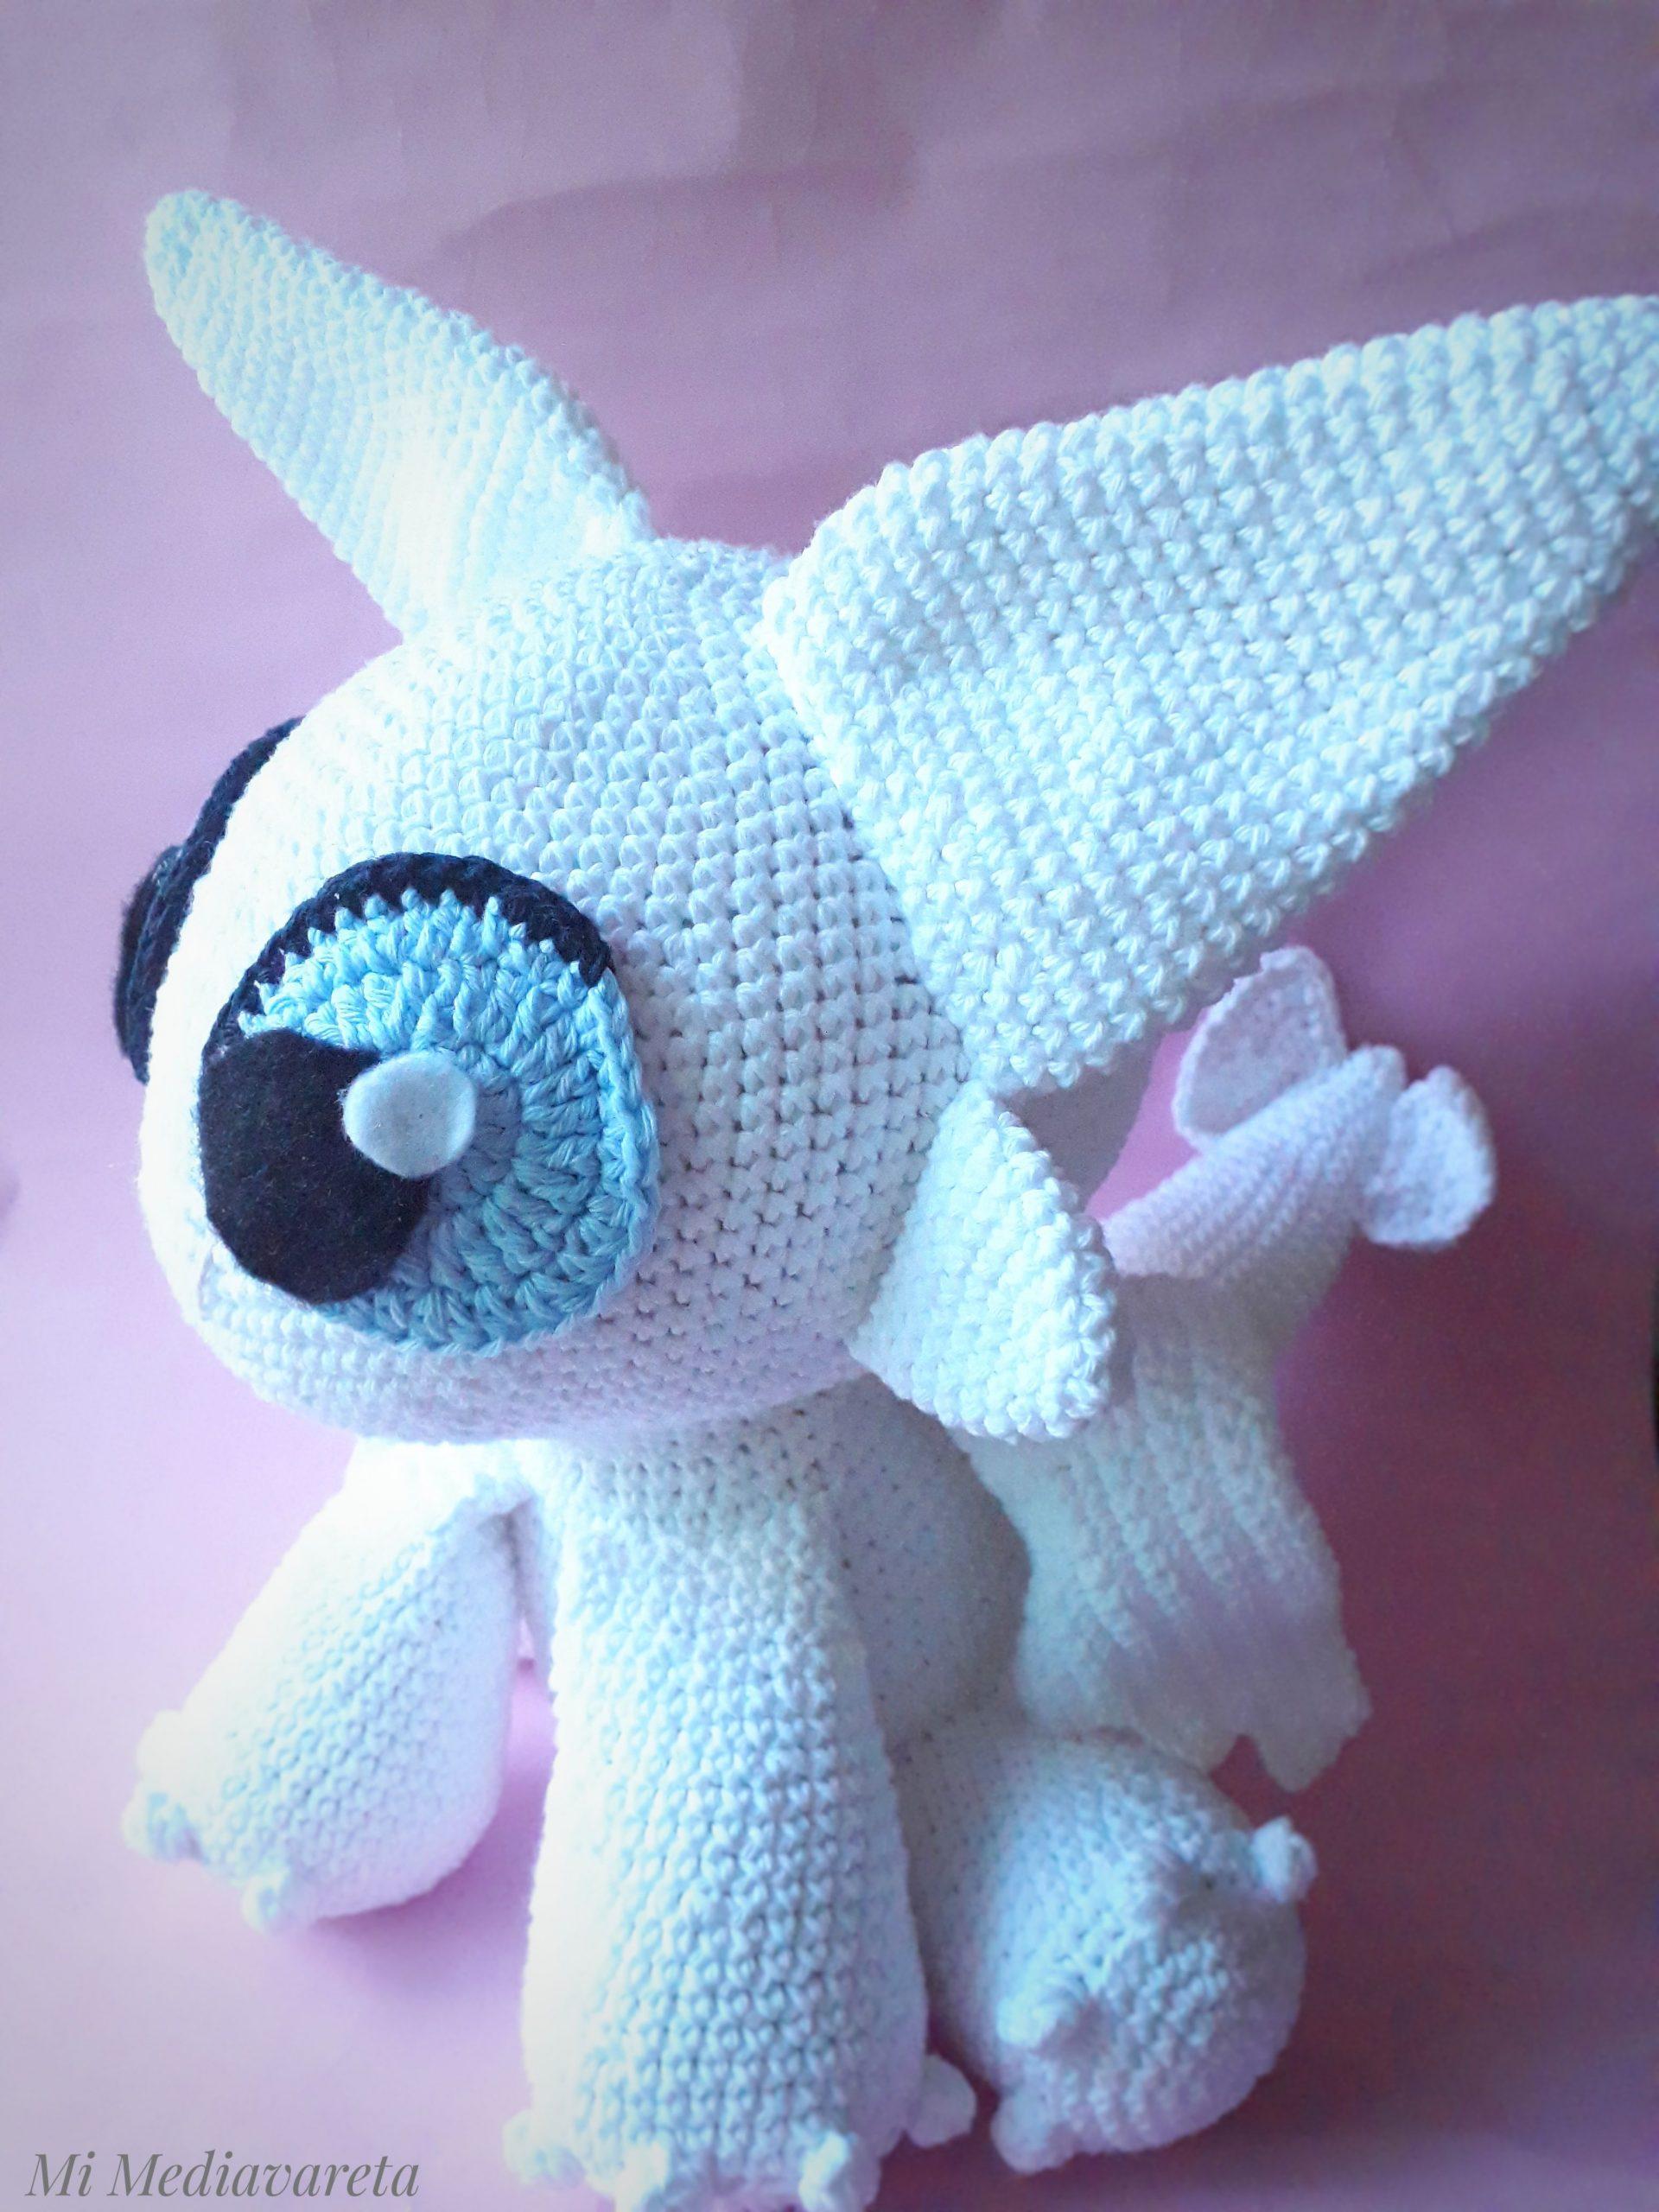 furia luminos tejida a crochet con patrón